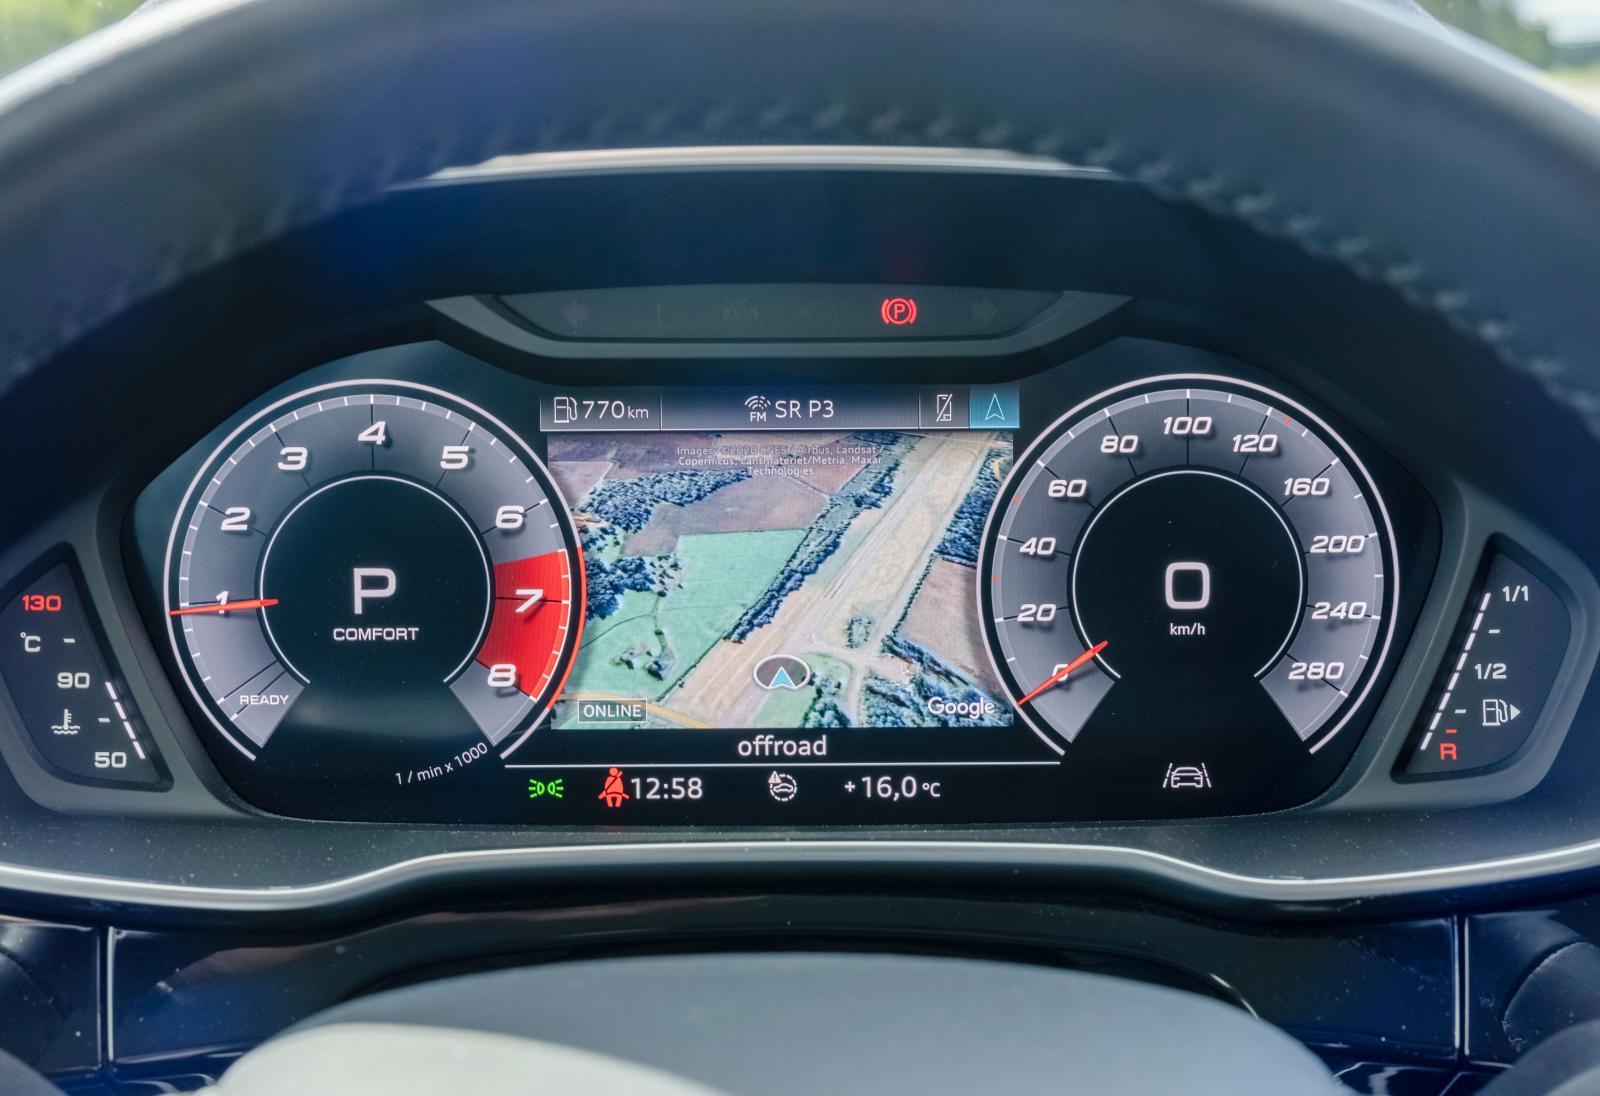 Skärmbaserad instrumentering är standard, men det finns två versioner. Testbilens 12,3-tumsskärm kostar 5300 kr och ger mer information och anpassningsmöjligheter jämfört med standardskärmen på 10,25-tum.